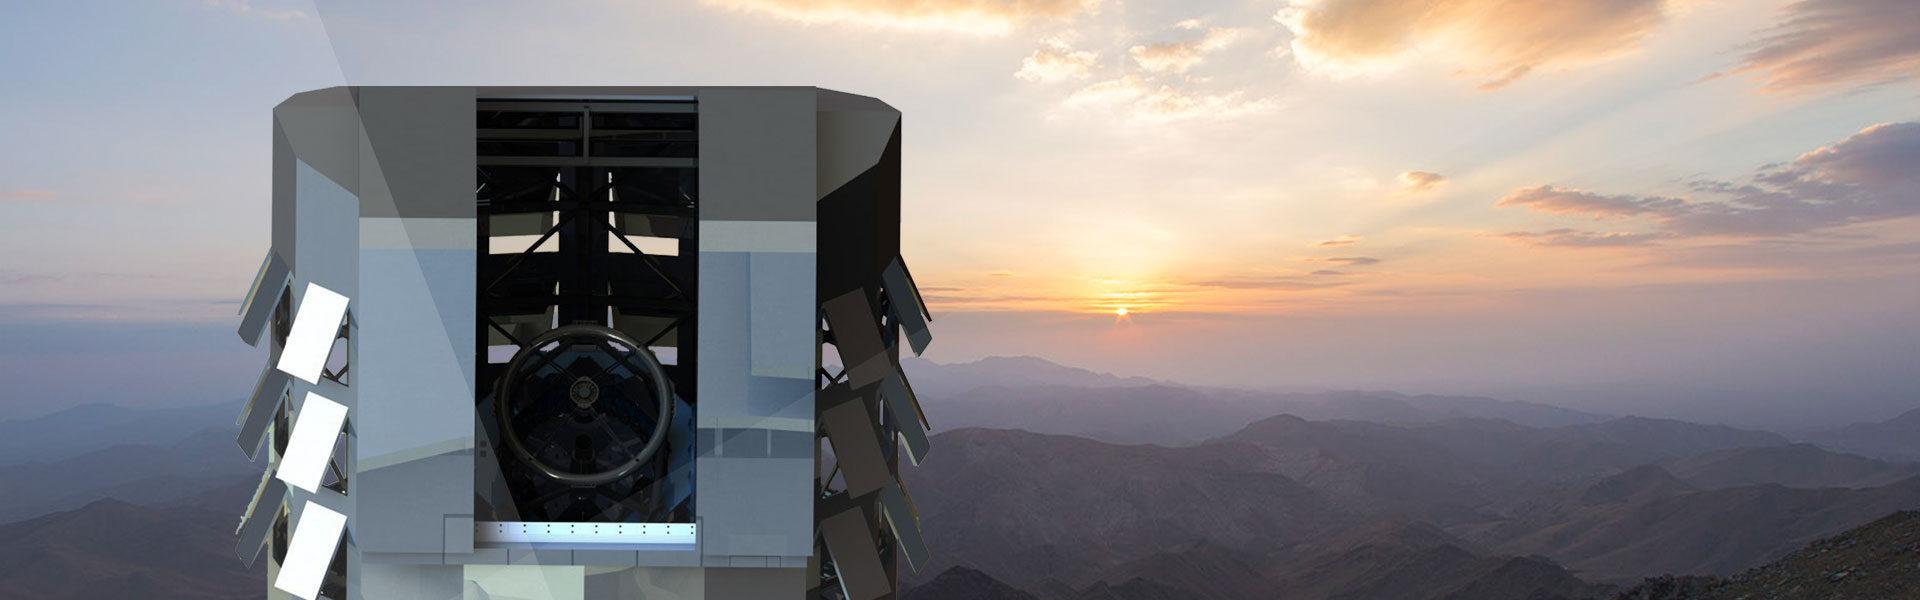 تلسکوپ ۳/۴ متری